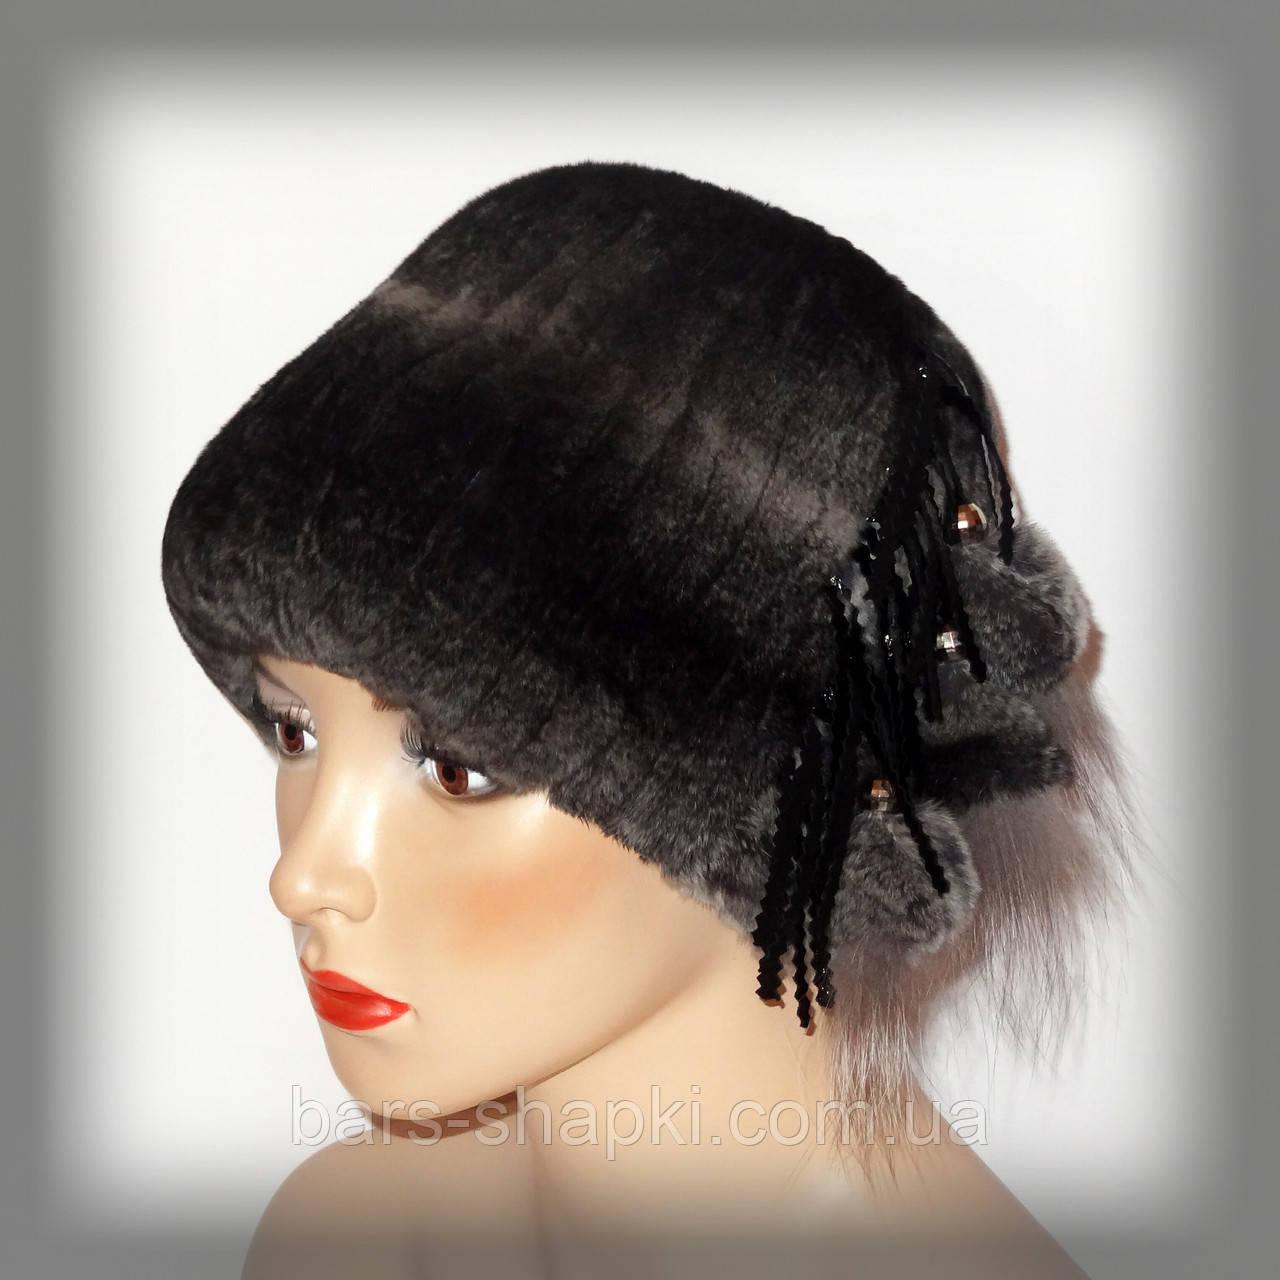 Меховая женская шапка из кролика Rex Rabbit(кубанка тёмно серая)